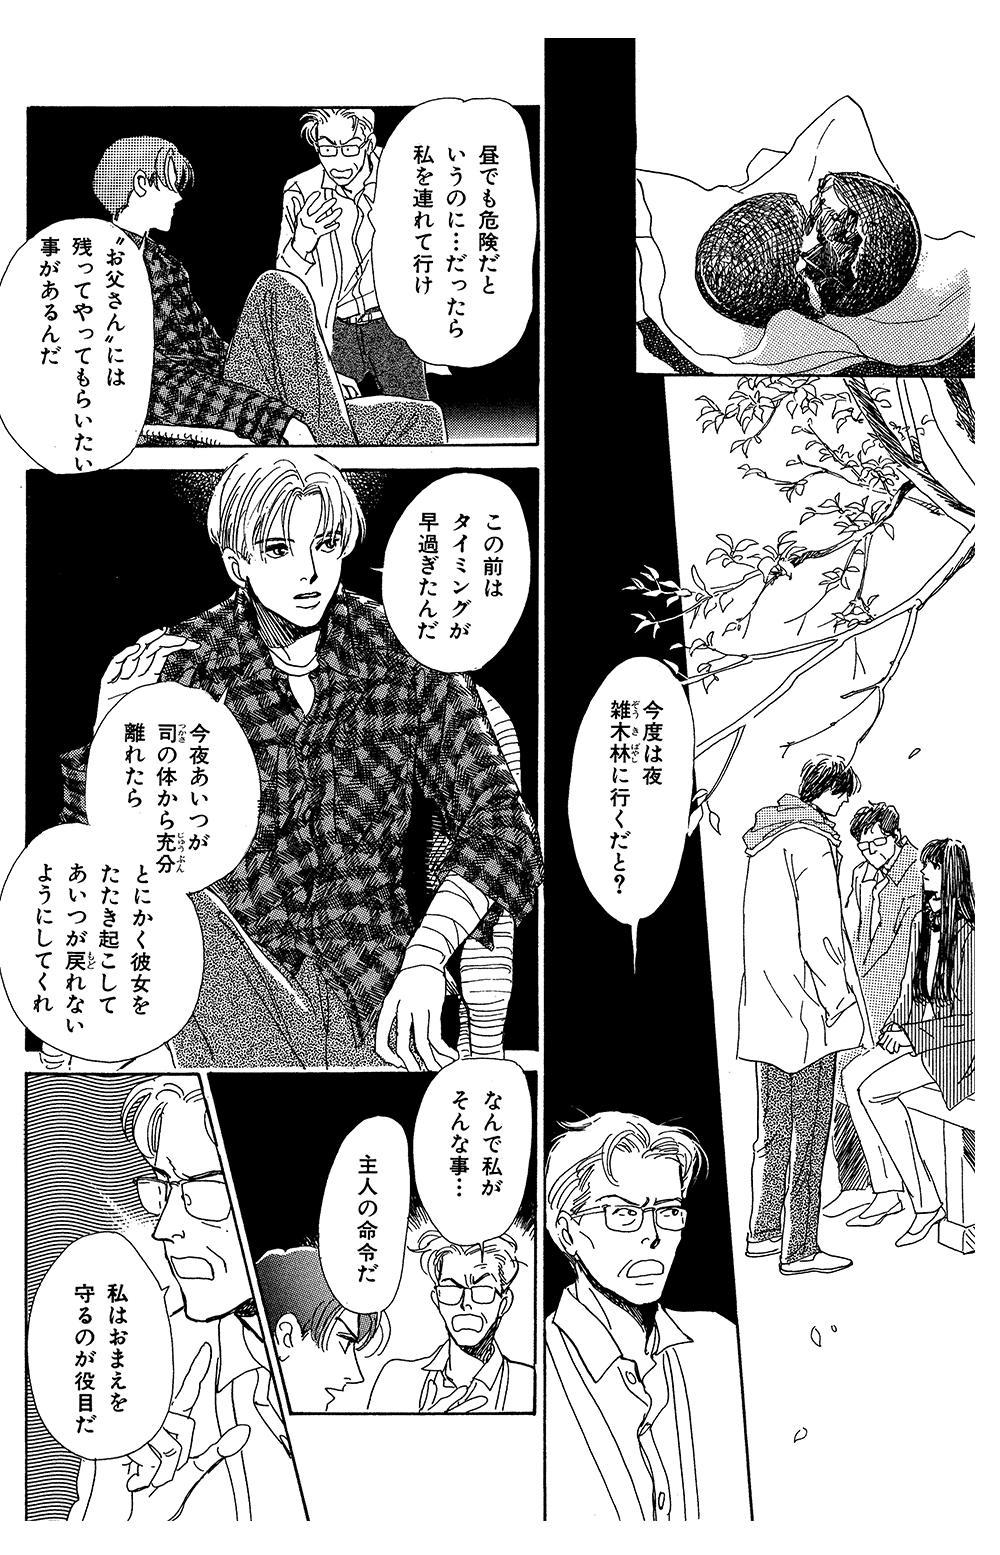 百鬼夜行抄 第1話「闇からの呼び声」⑤hyakki1-5-5.jpg